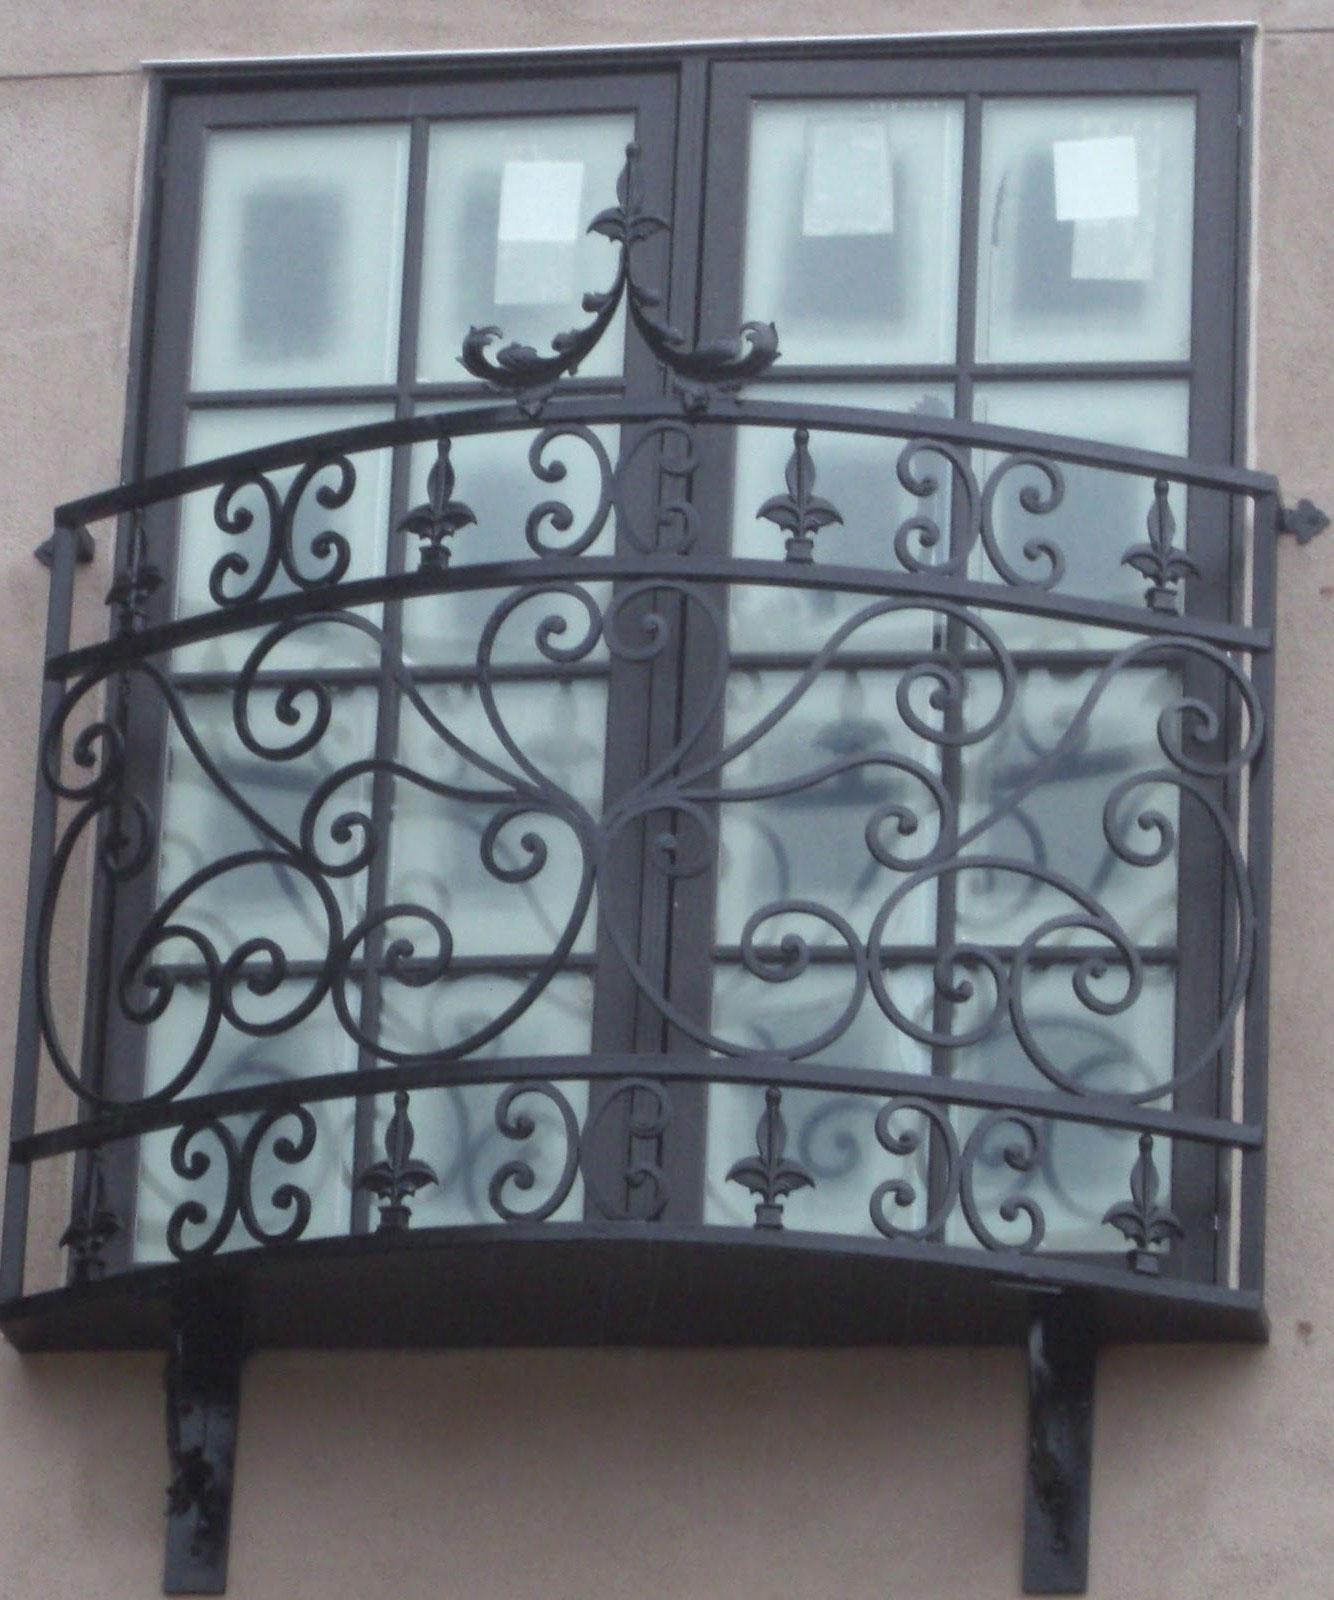 Ограждение для балкона с завитушками